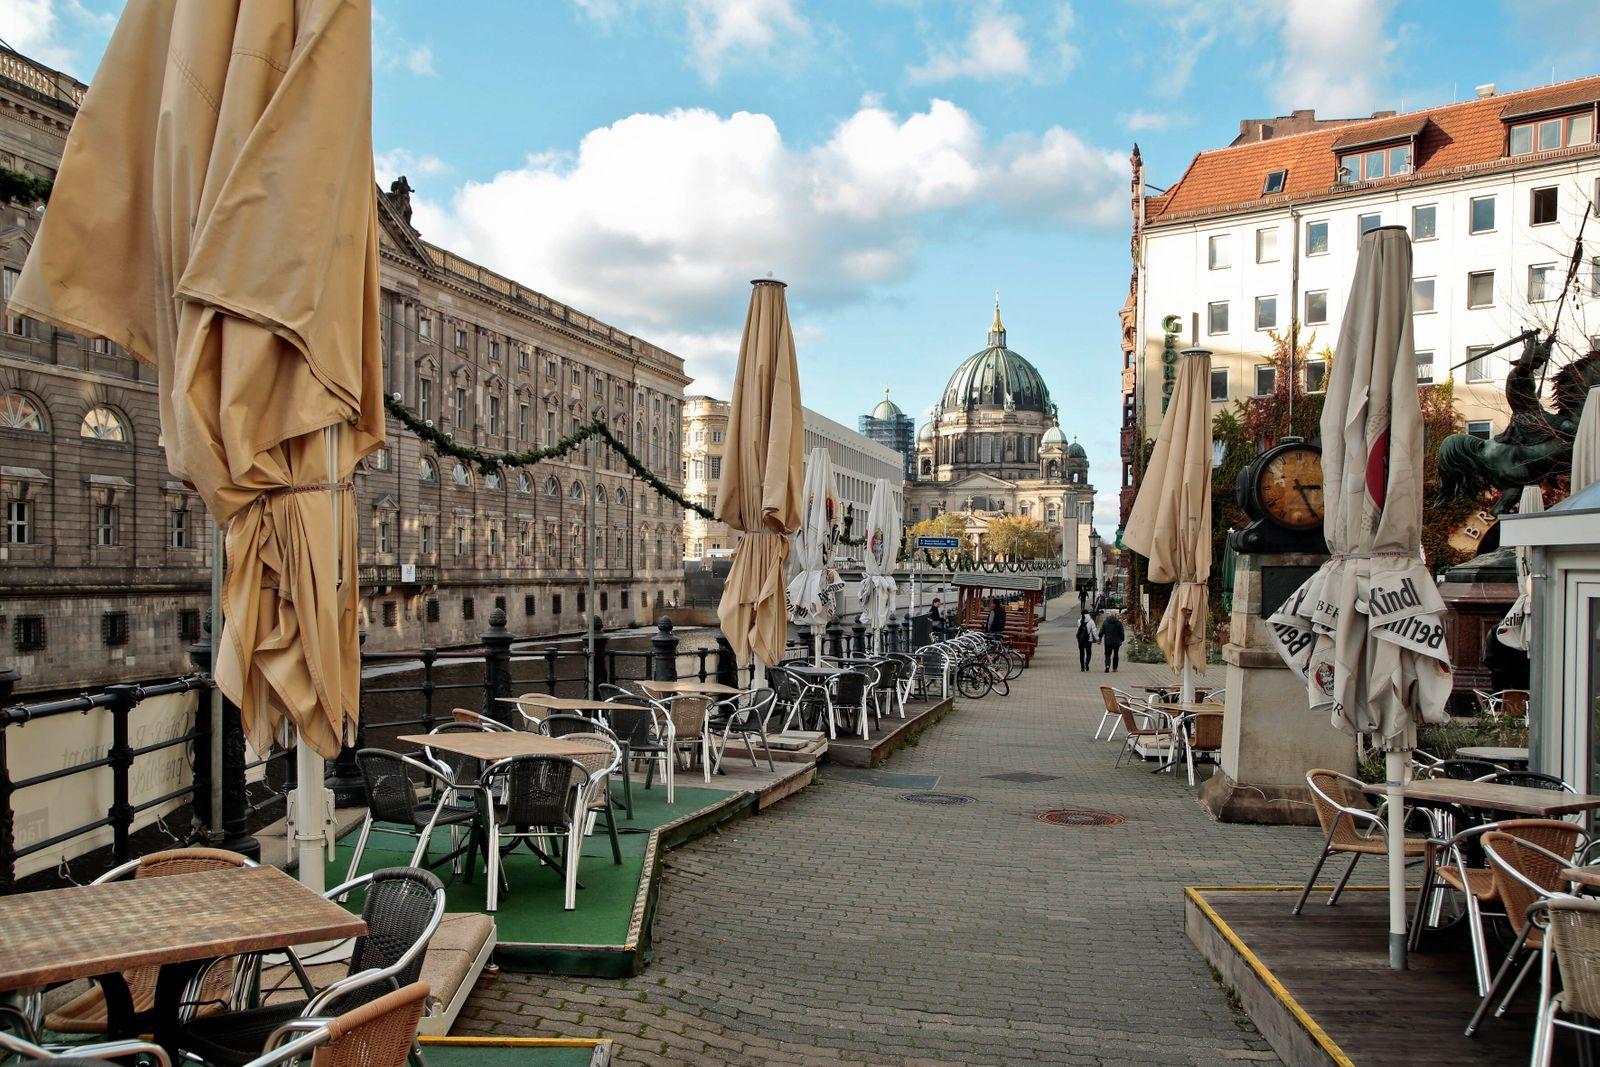 04.11.2020, Berlin, Deutschland - Foto: Leere Stuehle in der Gastronomie aufgrund des erneuten Lockdowns im Nikolaiviert